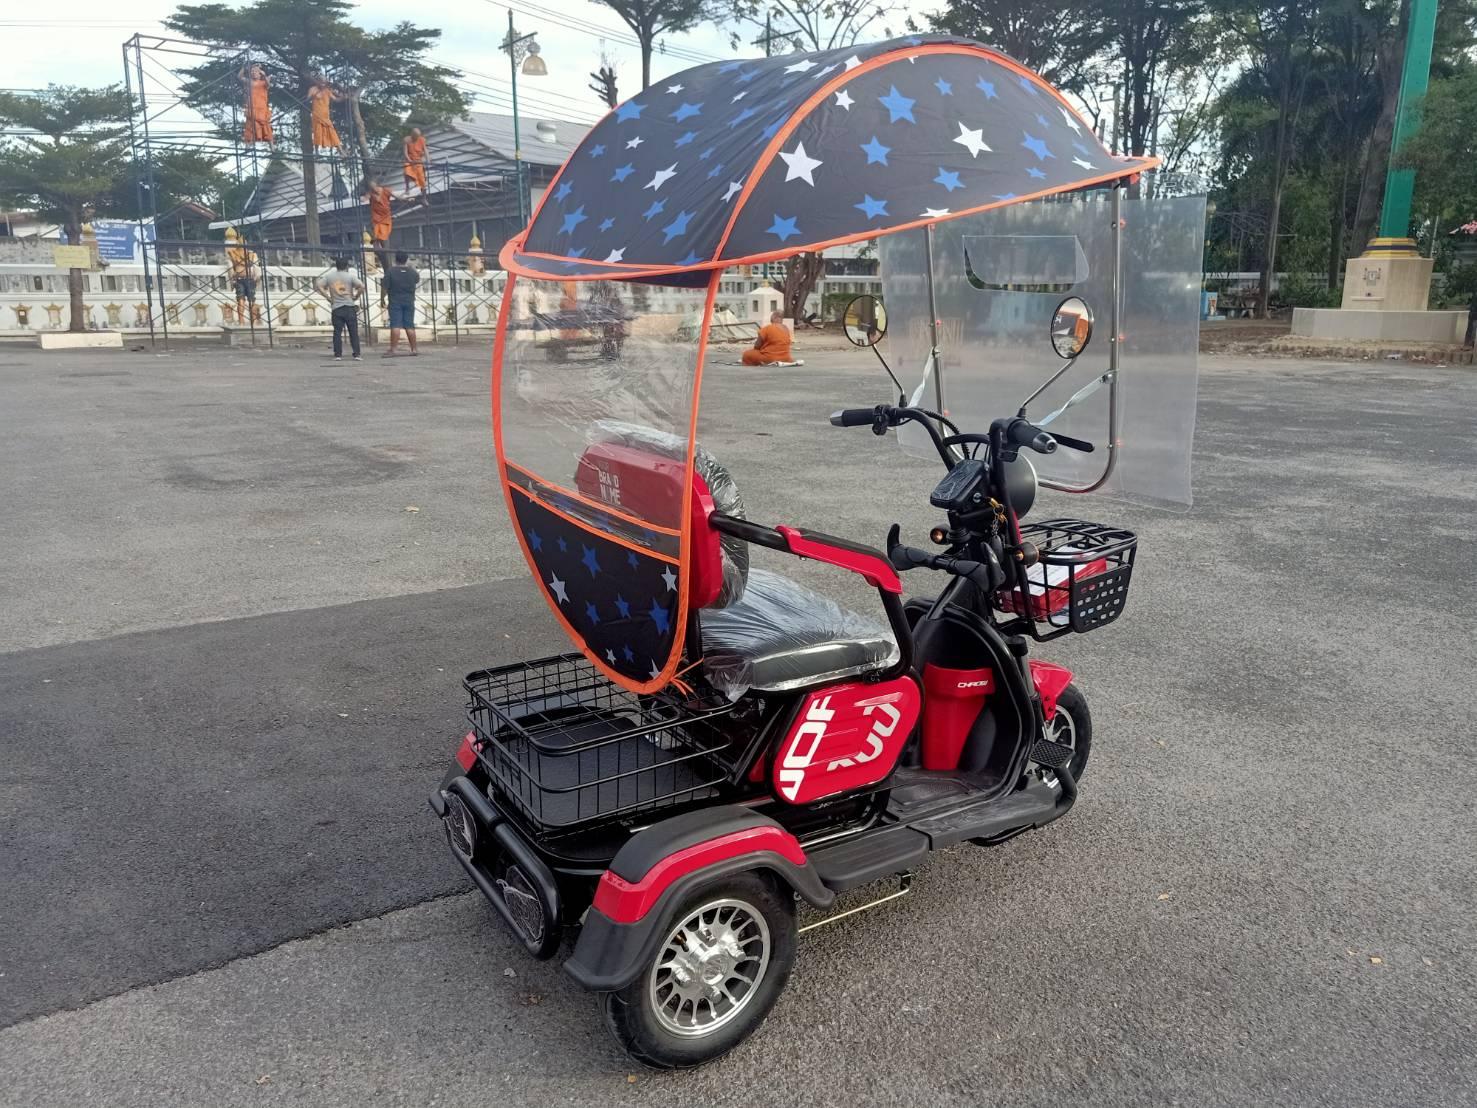 YAMA-i สกู๊ตเตอร์สามล้อไฟฟ้า 500 วัตต์ ปรับนั่งสามคนได้ 30 กม./ชม. 40-50 กม./ชาร์จ